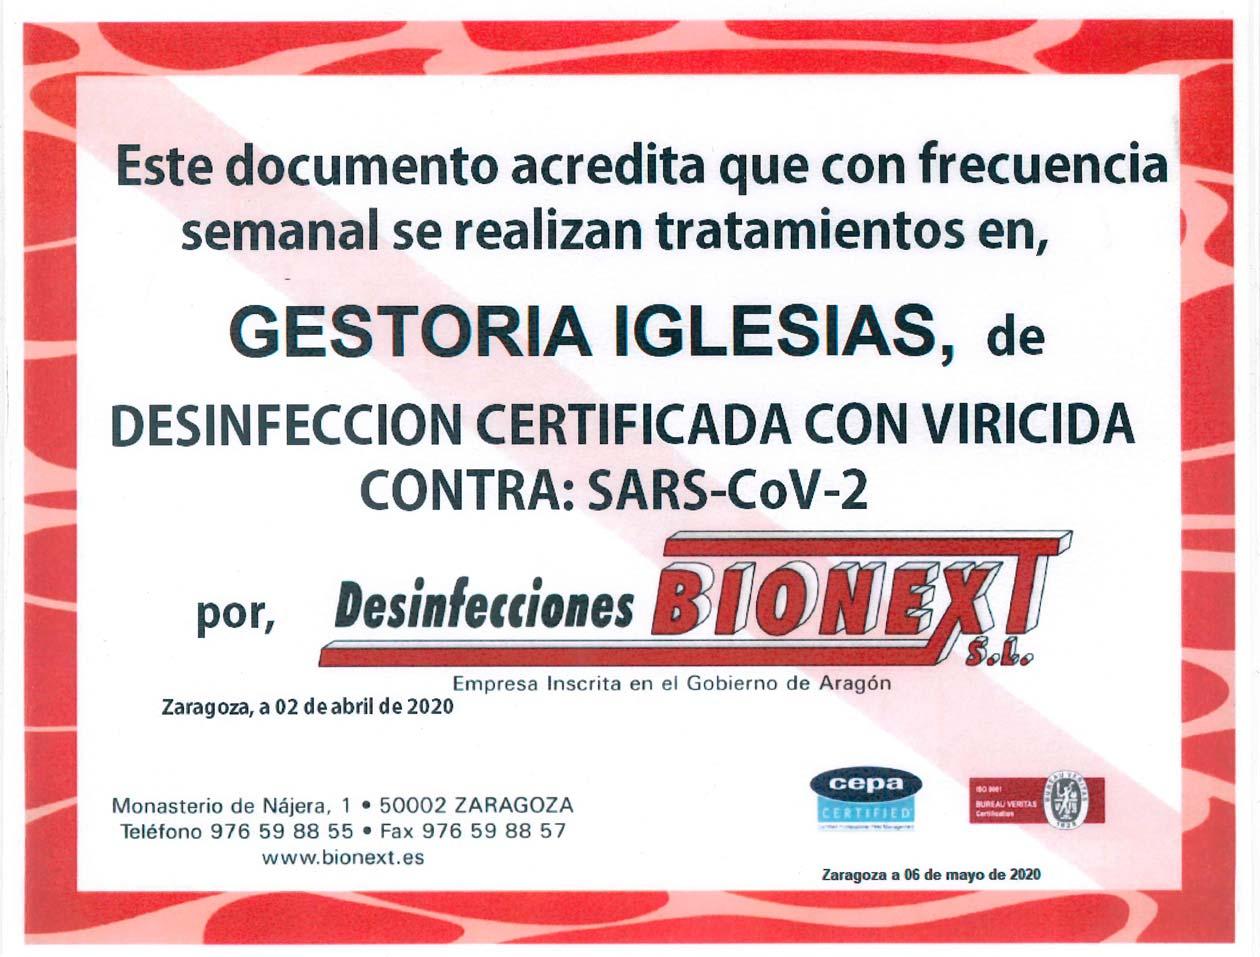 Certificado de tratamiento de desinfección certificada con viricida contra Sars-Cov-2